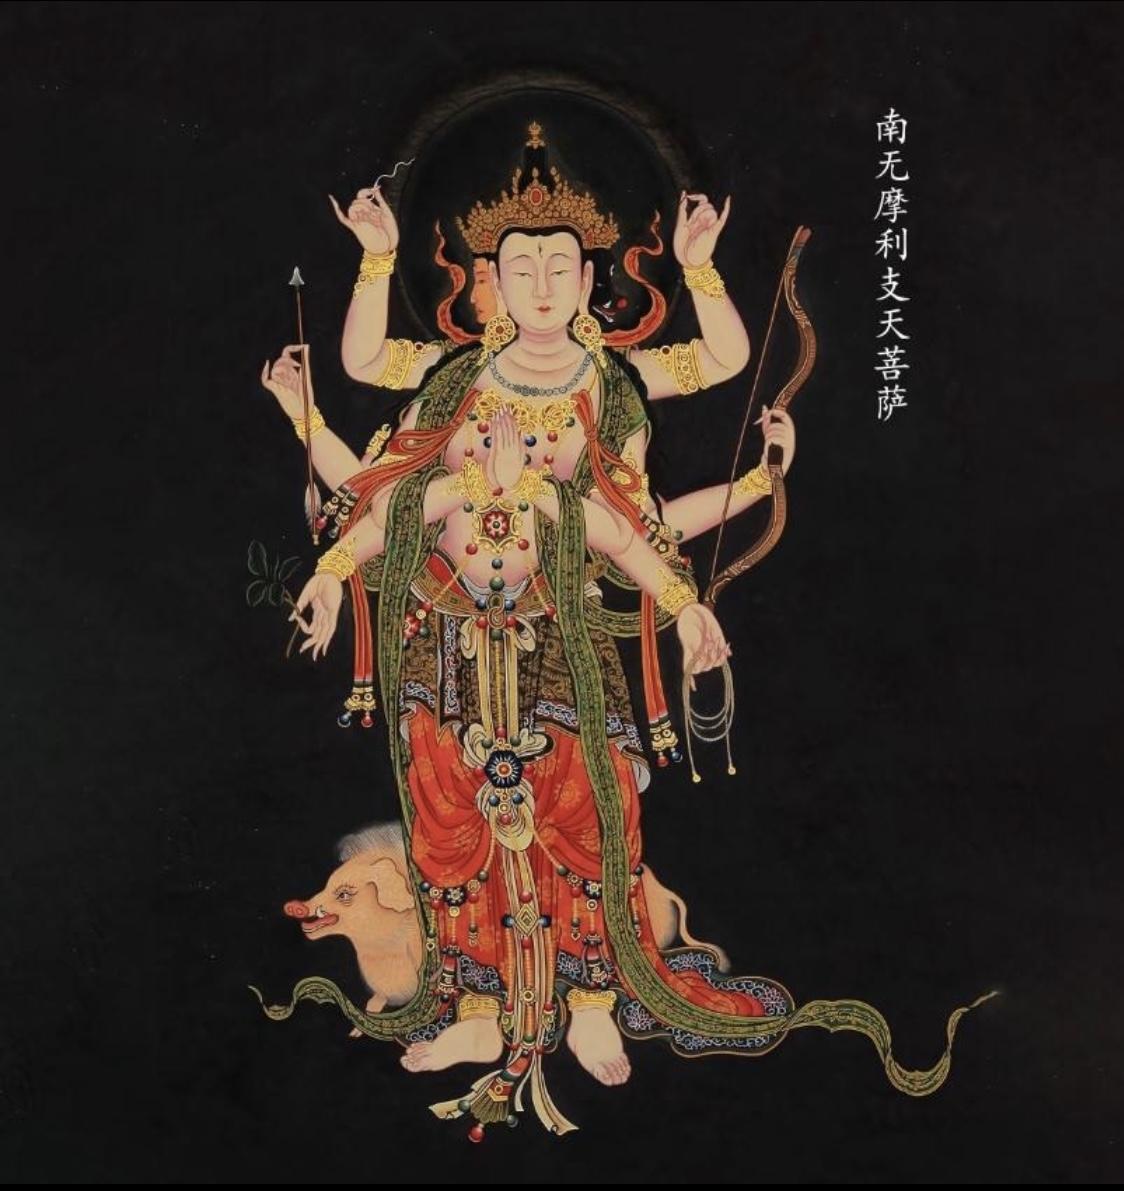 九月九重阳节, 恭祝佛教大护法~ 摩利支天菩萨圣诞快乐!20210421